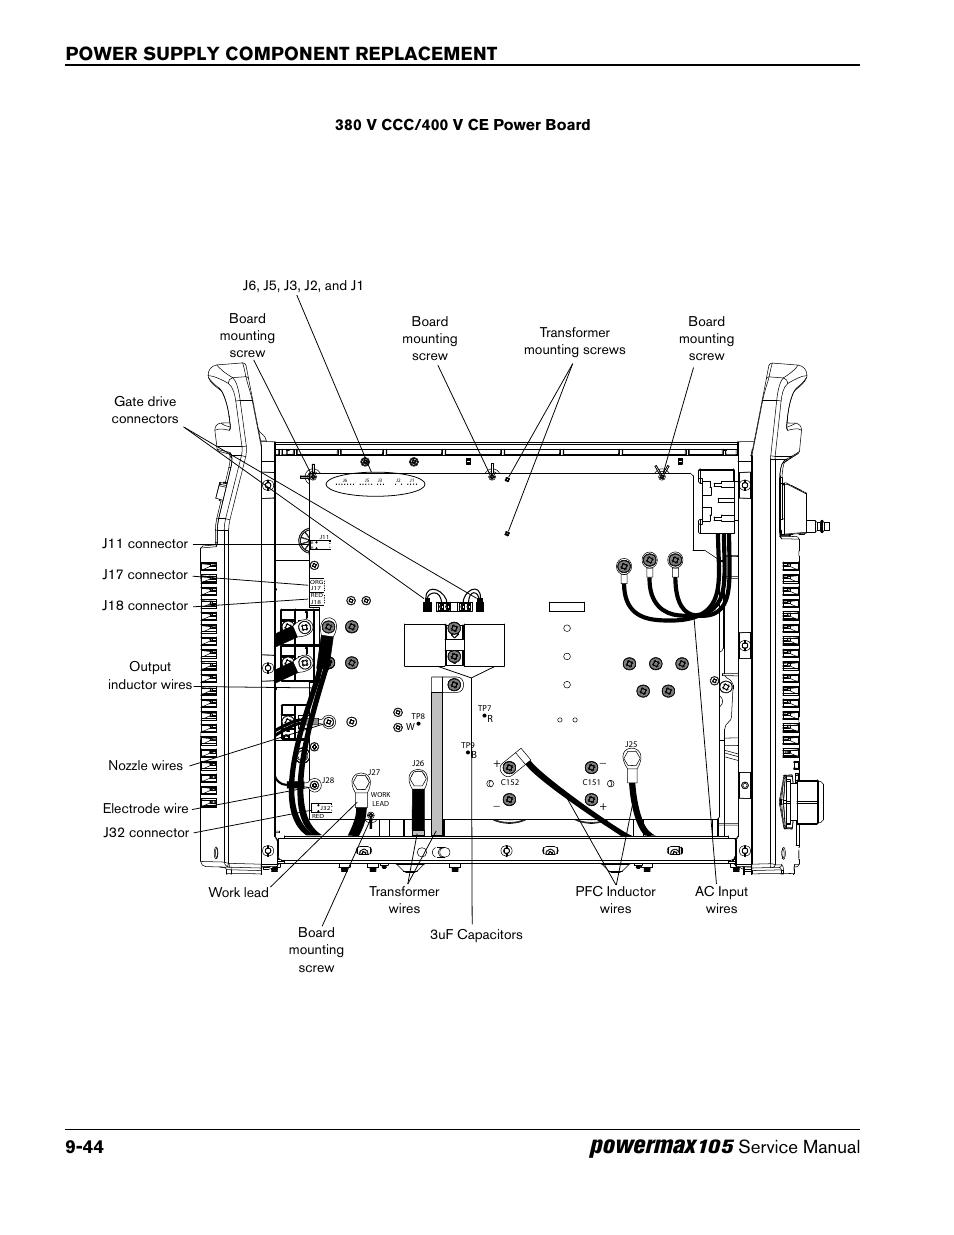 genie powermax 1200 wiring diagram